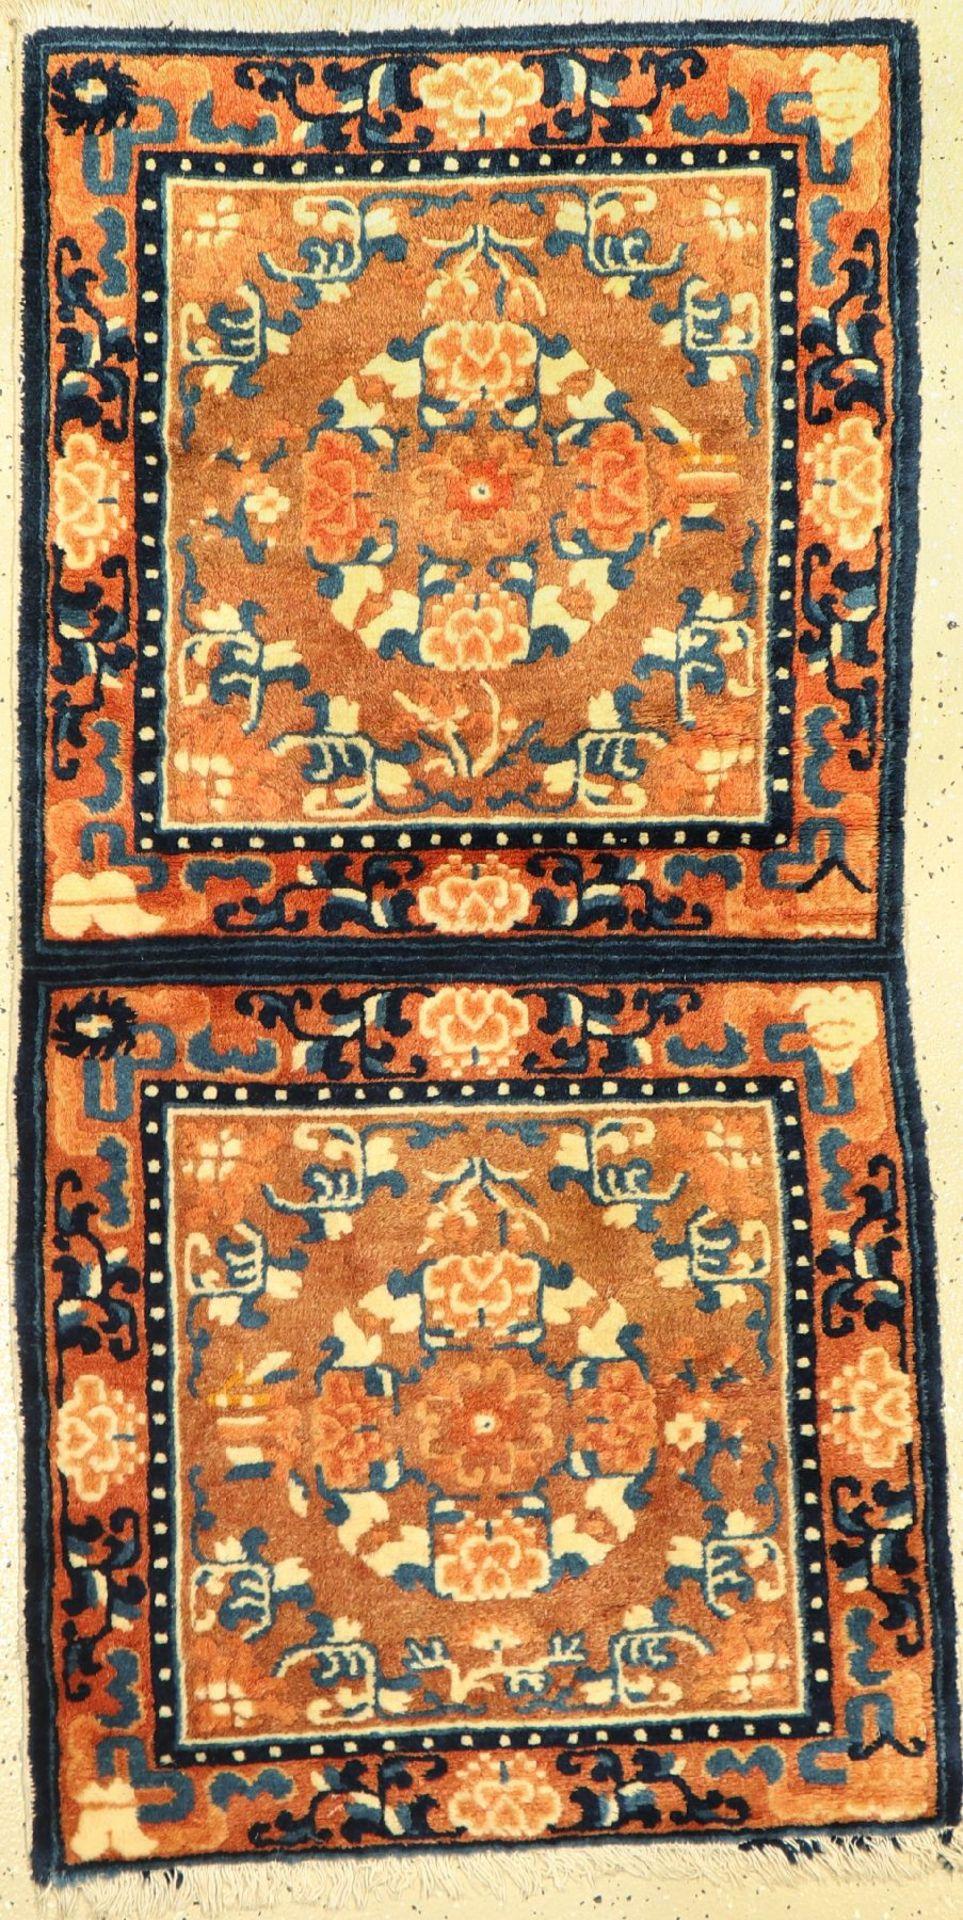 Ning-Hsia antik Sitzmatte, China, um 1890, Wolle auf Baumwolle, ca. 135 x 70 cm, EHZ: 2-3Antique